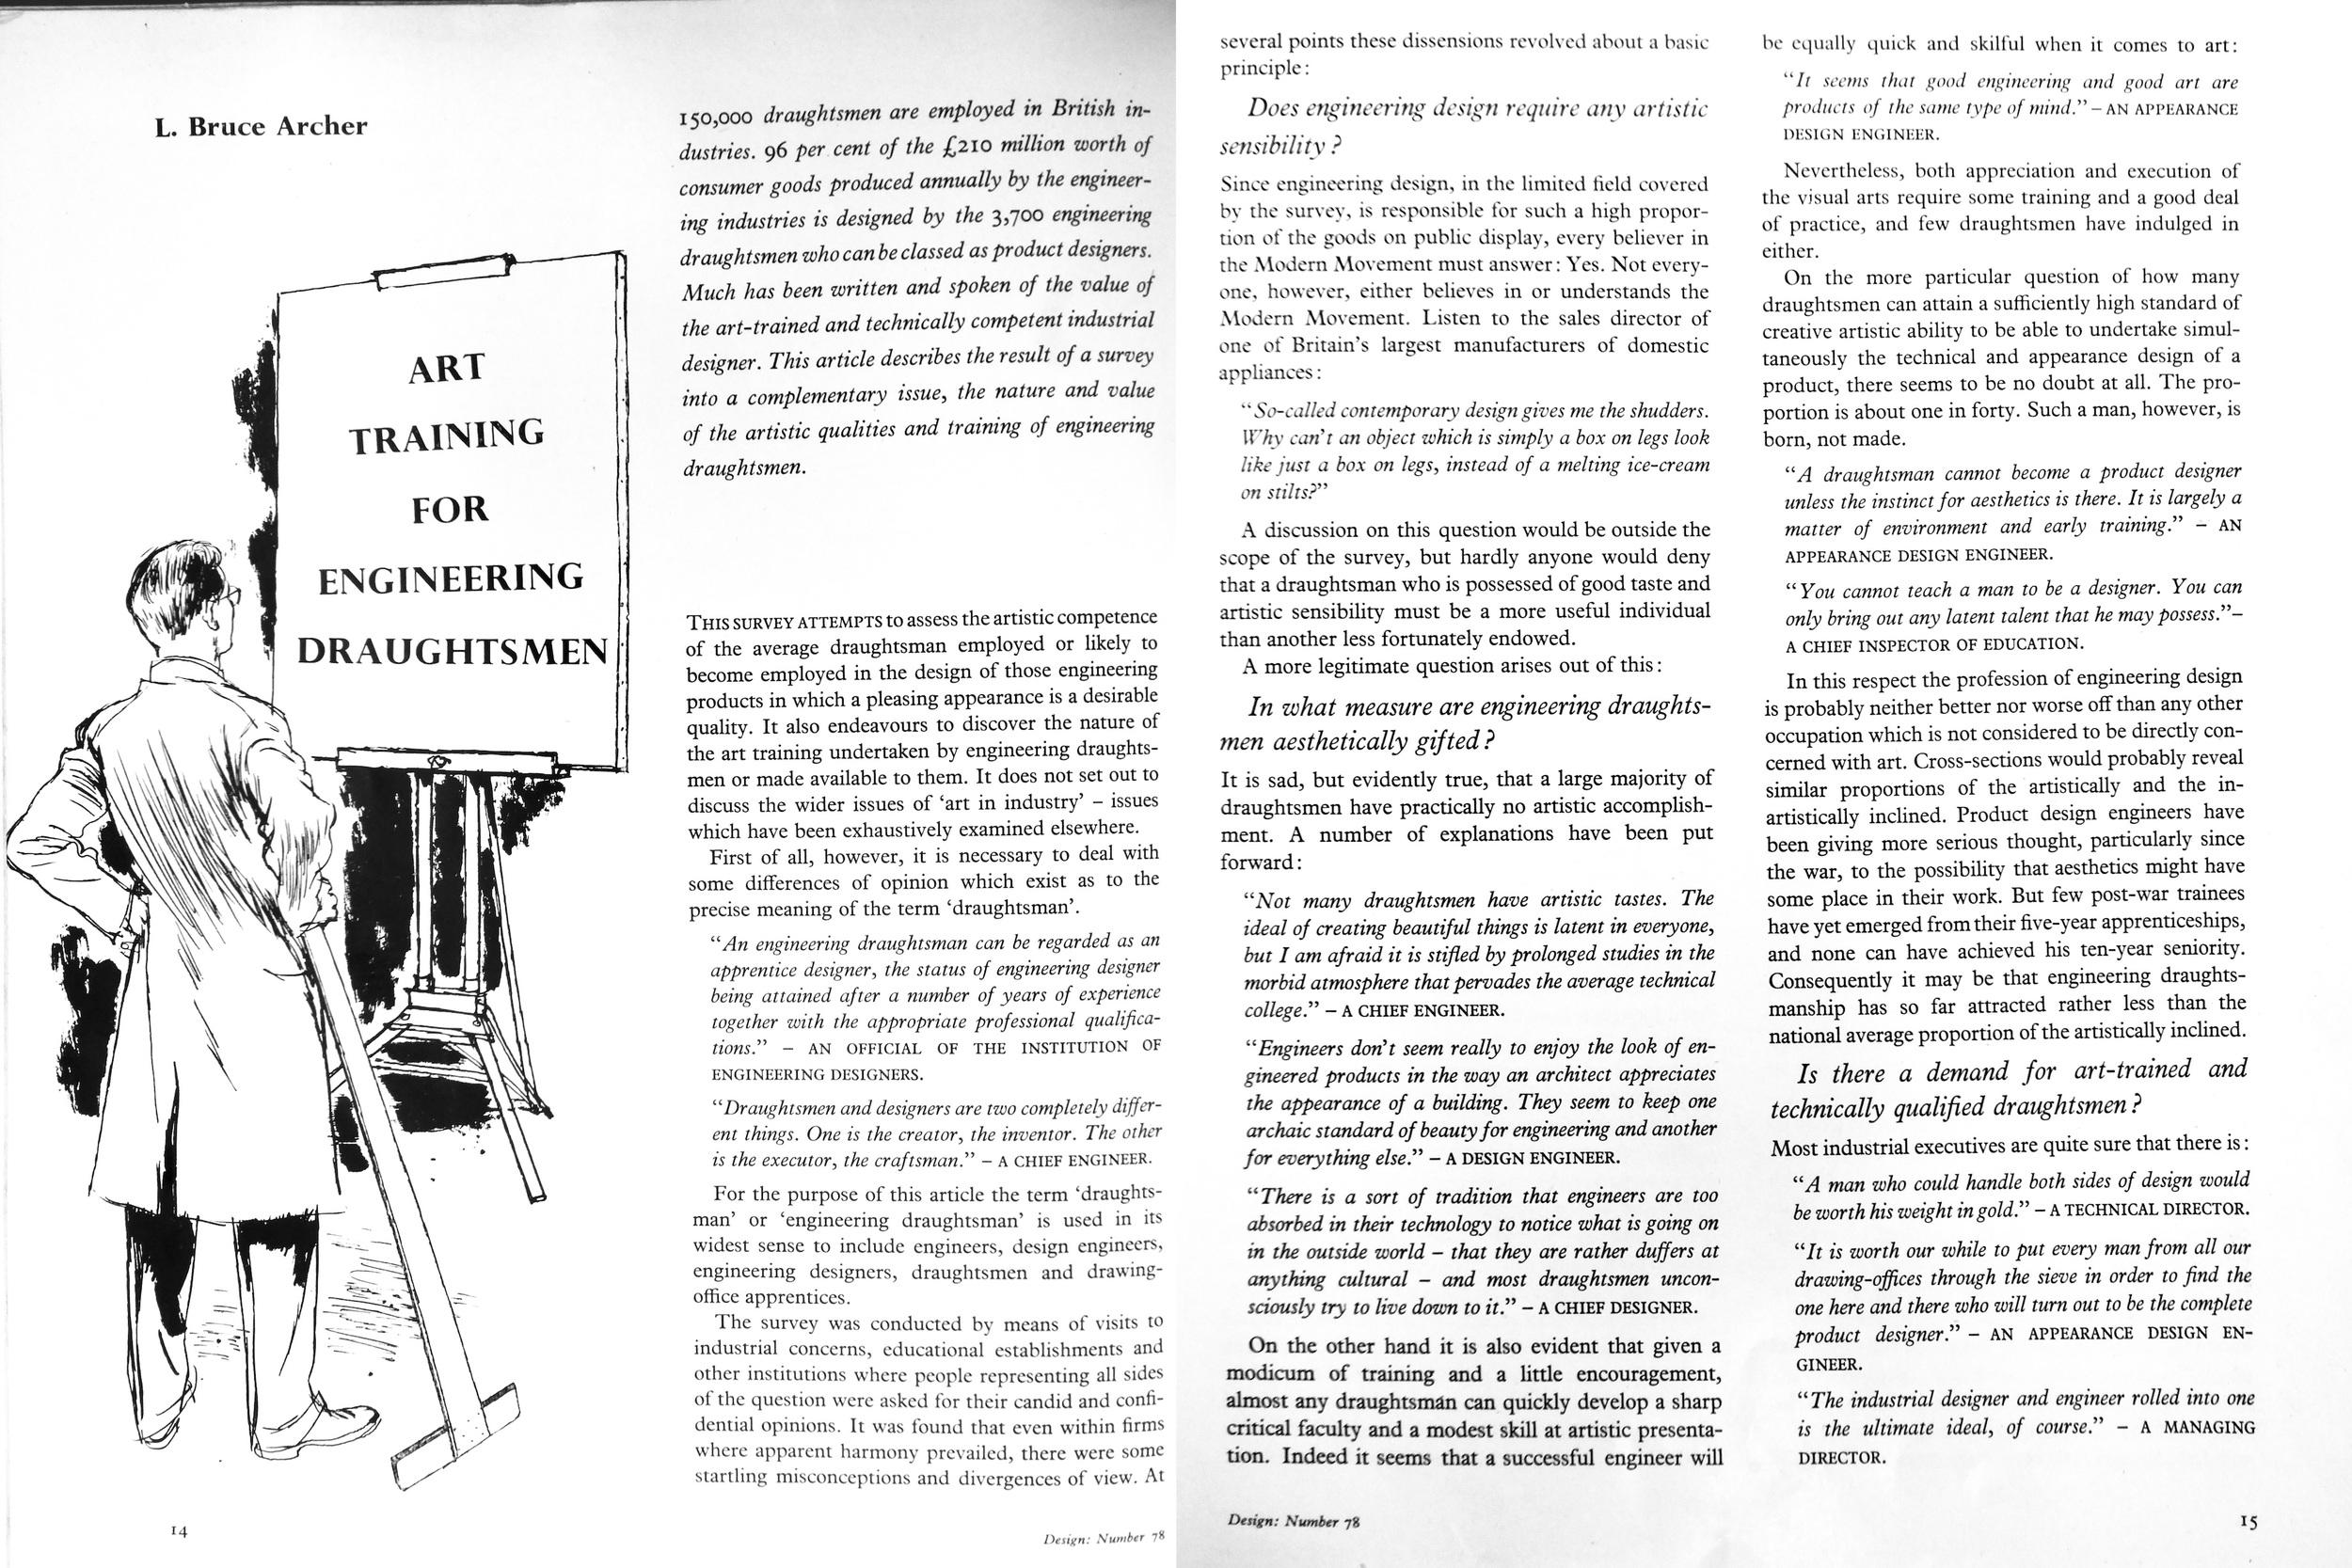 DDR_Art-Training-for-Engineering-Draughtsmen_June_1955.jpg